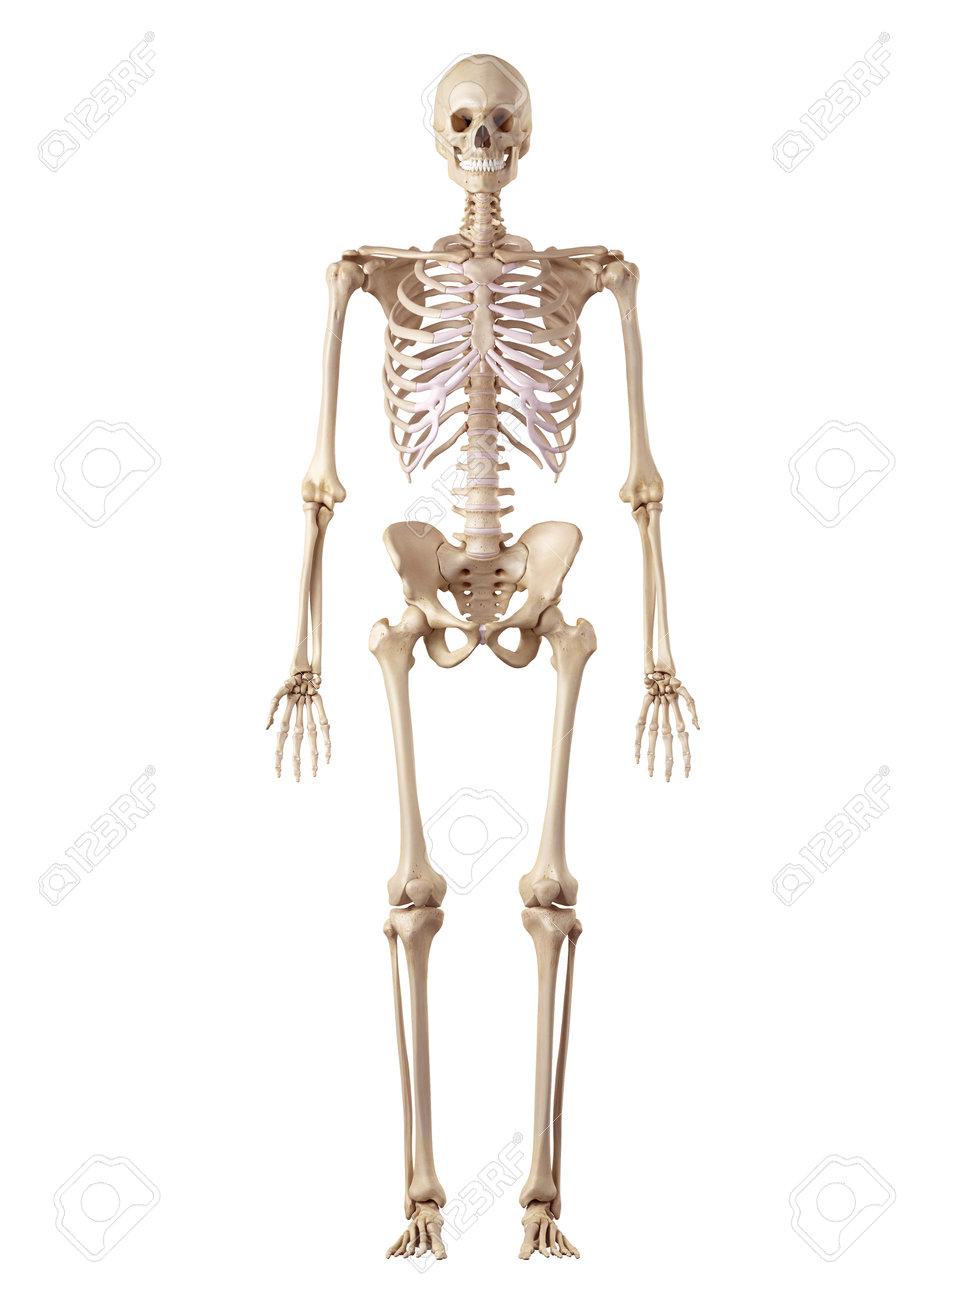 Ilustración Médica Precisa Del Esqueleto Humano Fotos, Retratos ...